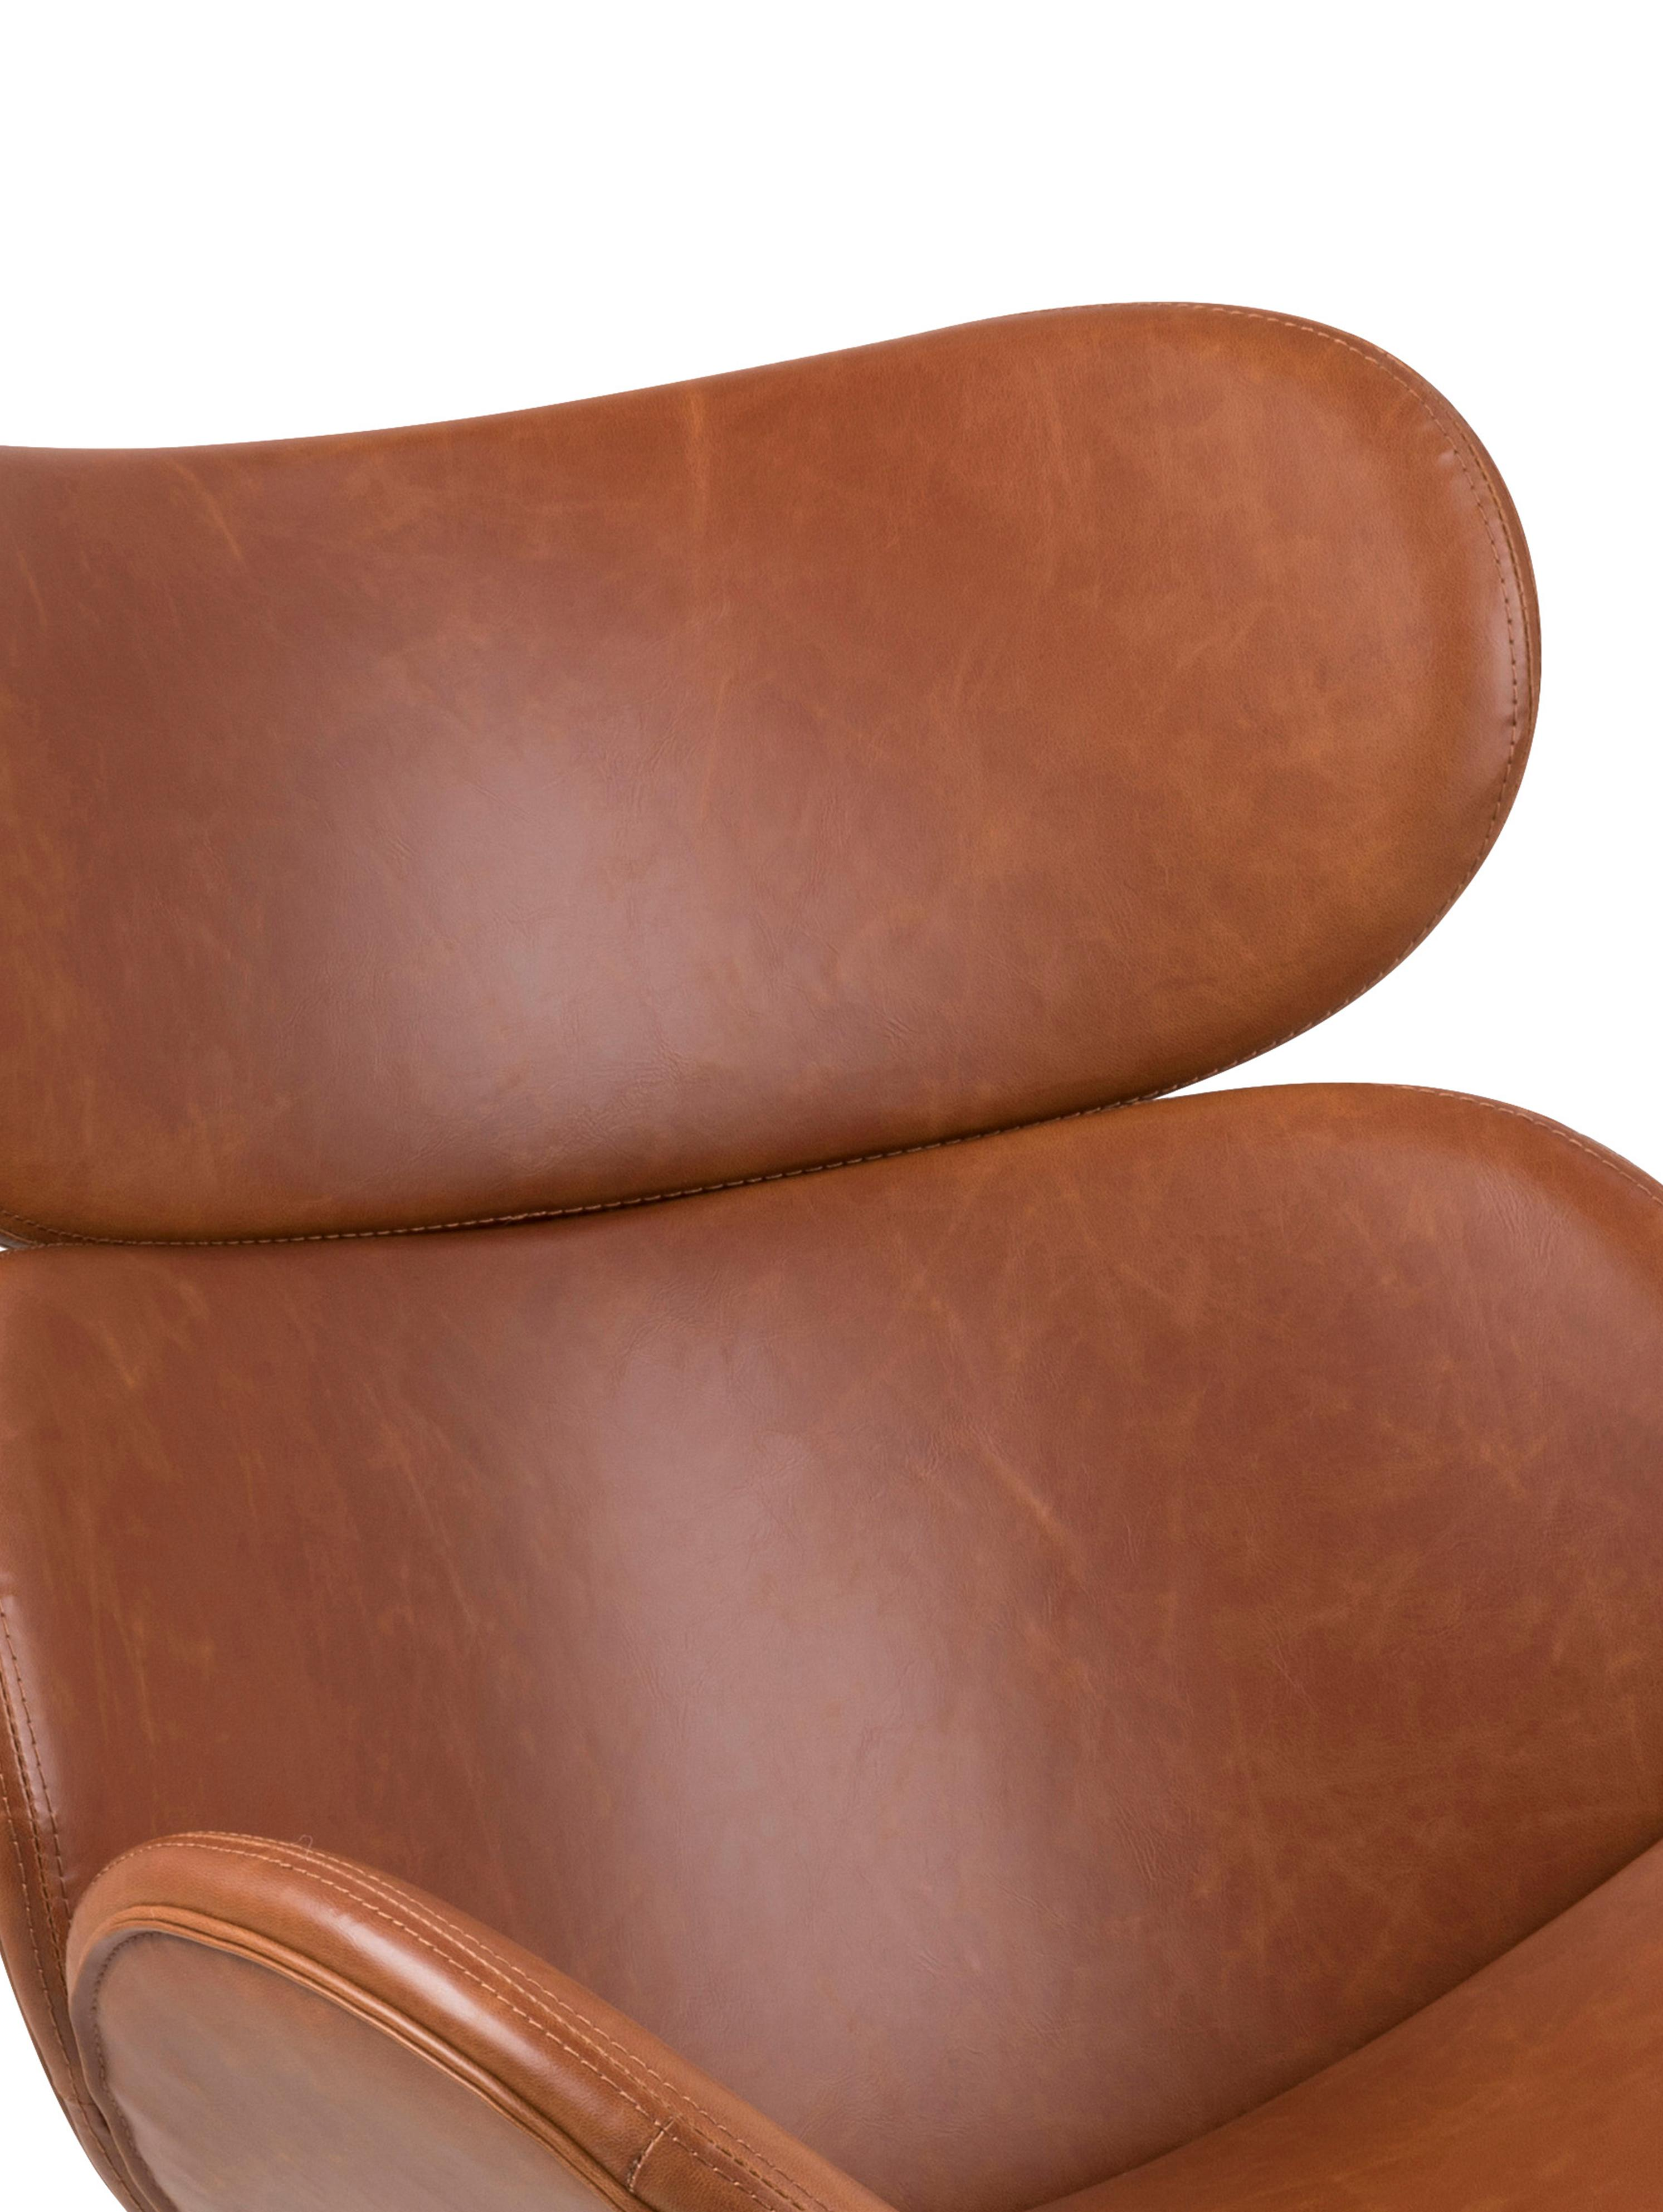 Fotel wypoczynkowy ze sztucznej skóry Cazar, Tapicerka: sztuczna skóra (poliureta, Stelaż: metal malowany proszkowo, Koniakowy, czarny, S 69 x G 79 cm